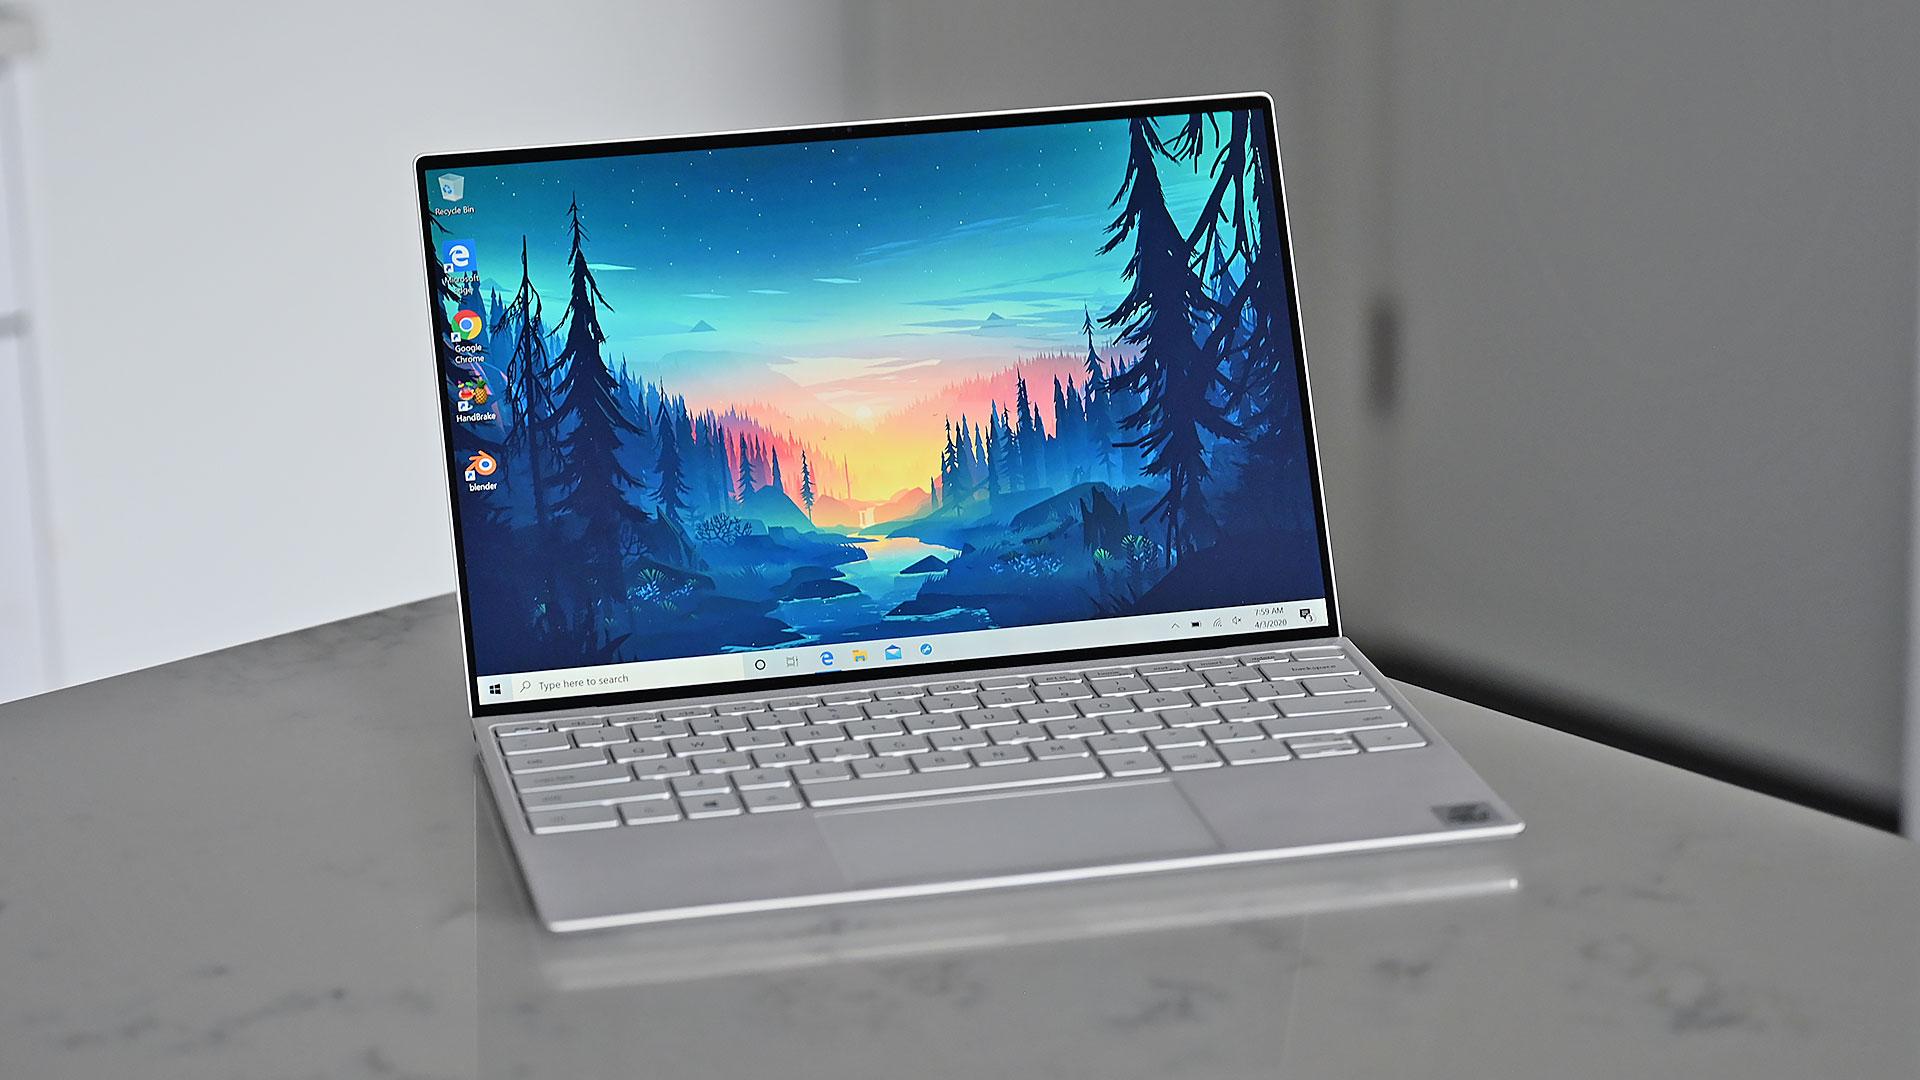 Mách bạn những laptop tốt nhất 2020 nên mua cho từng nhu cầu đa dạng